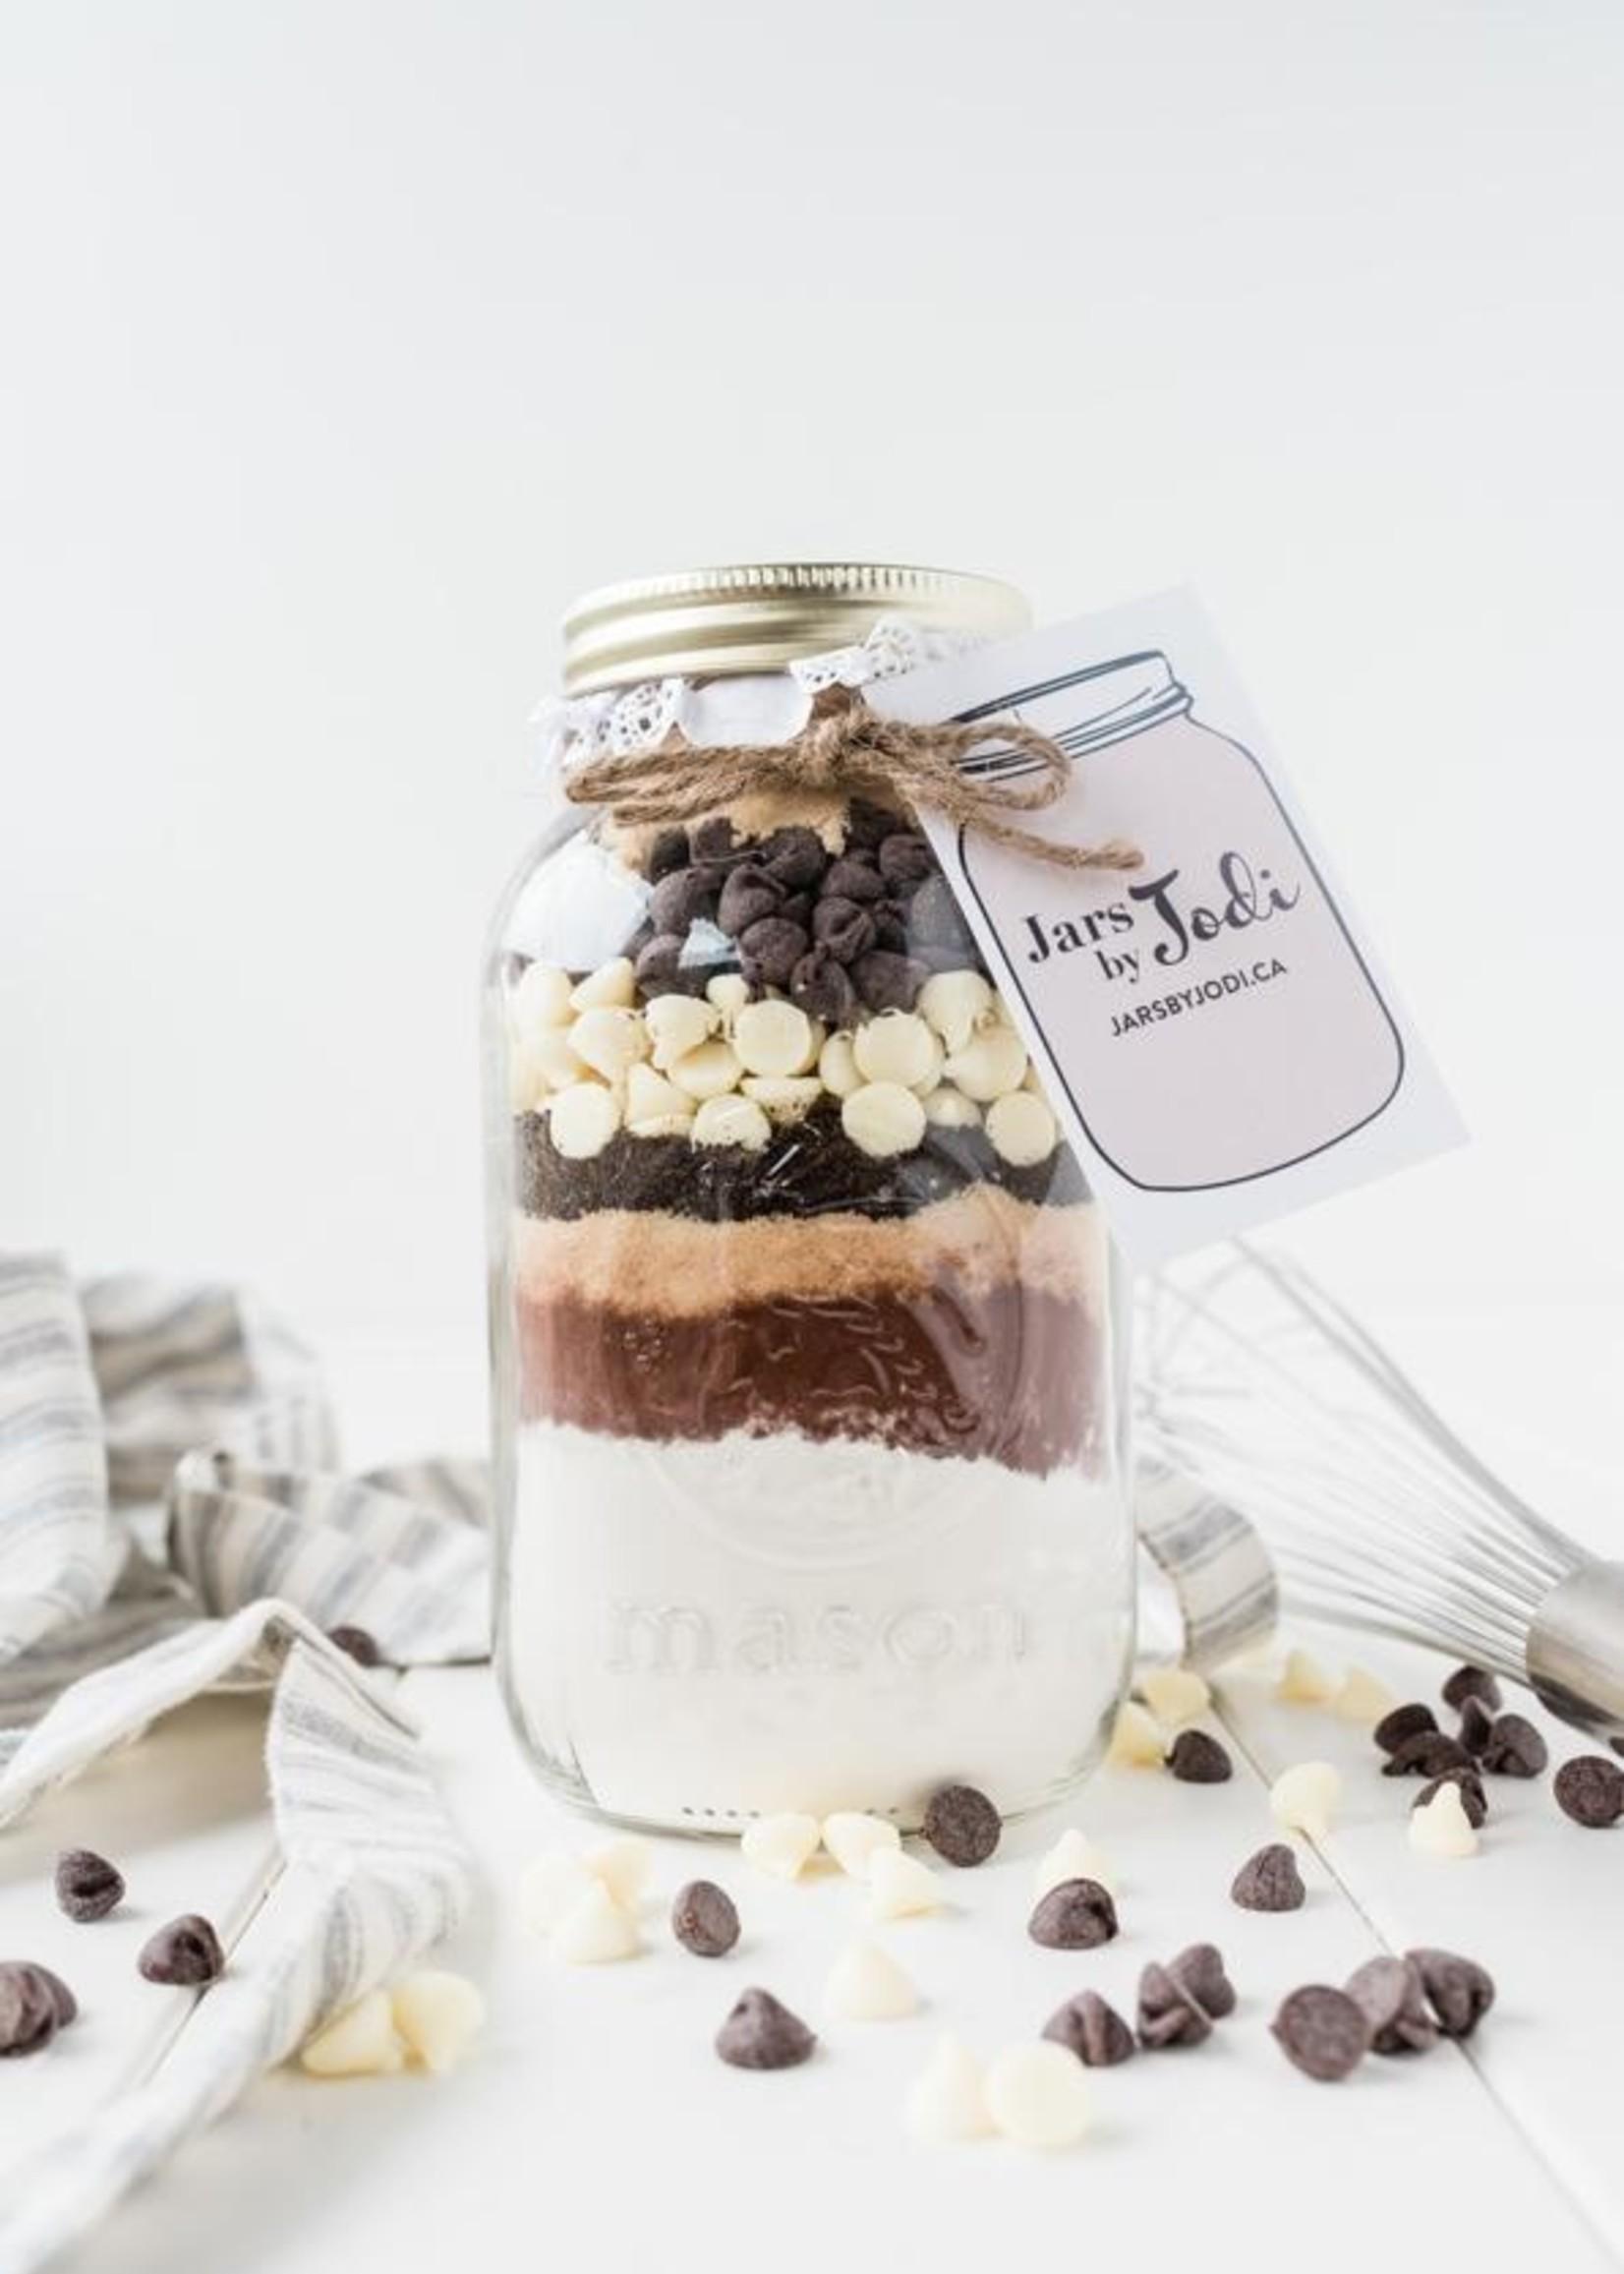 Jars By Jodi Cookies & Cream Cookies   Regular